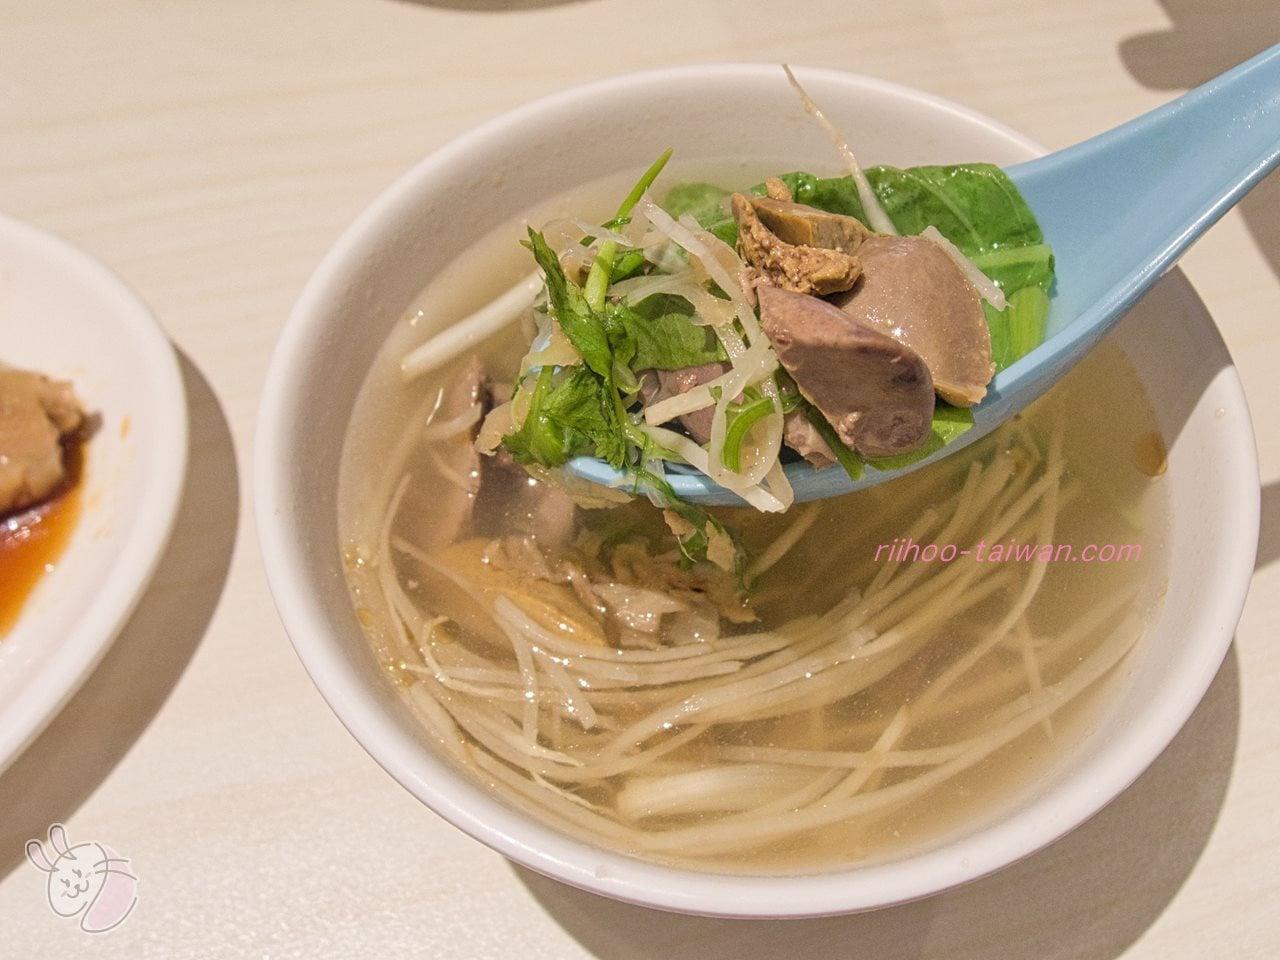 文慶雞(文慶鶏)  下水湯 レバーやハツ・砂肝など、鶏のモツが入ったスープ